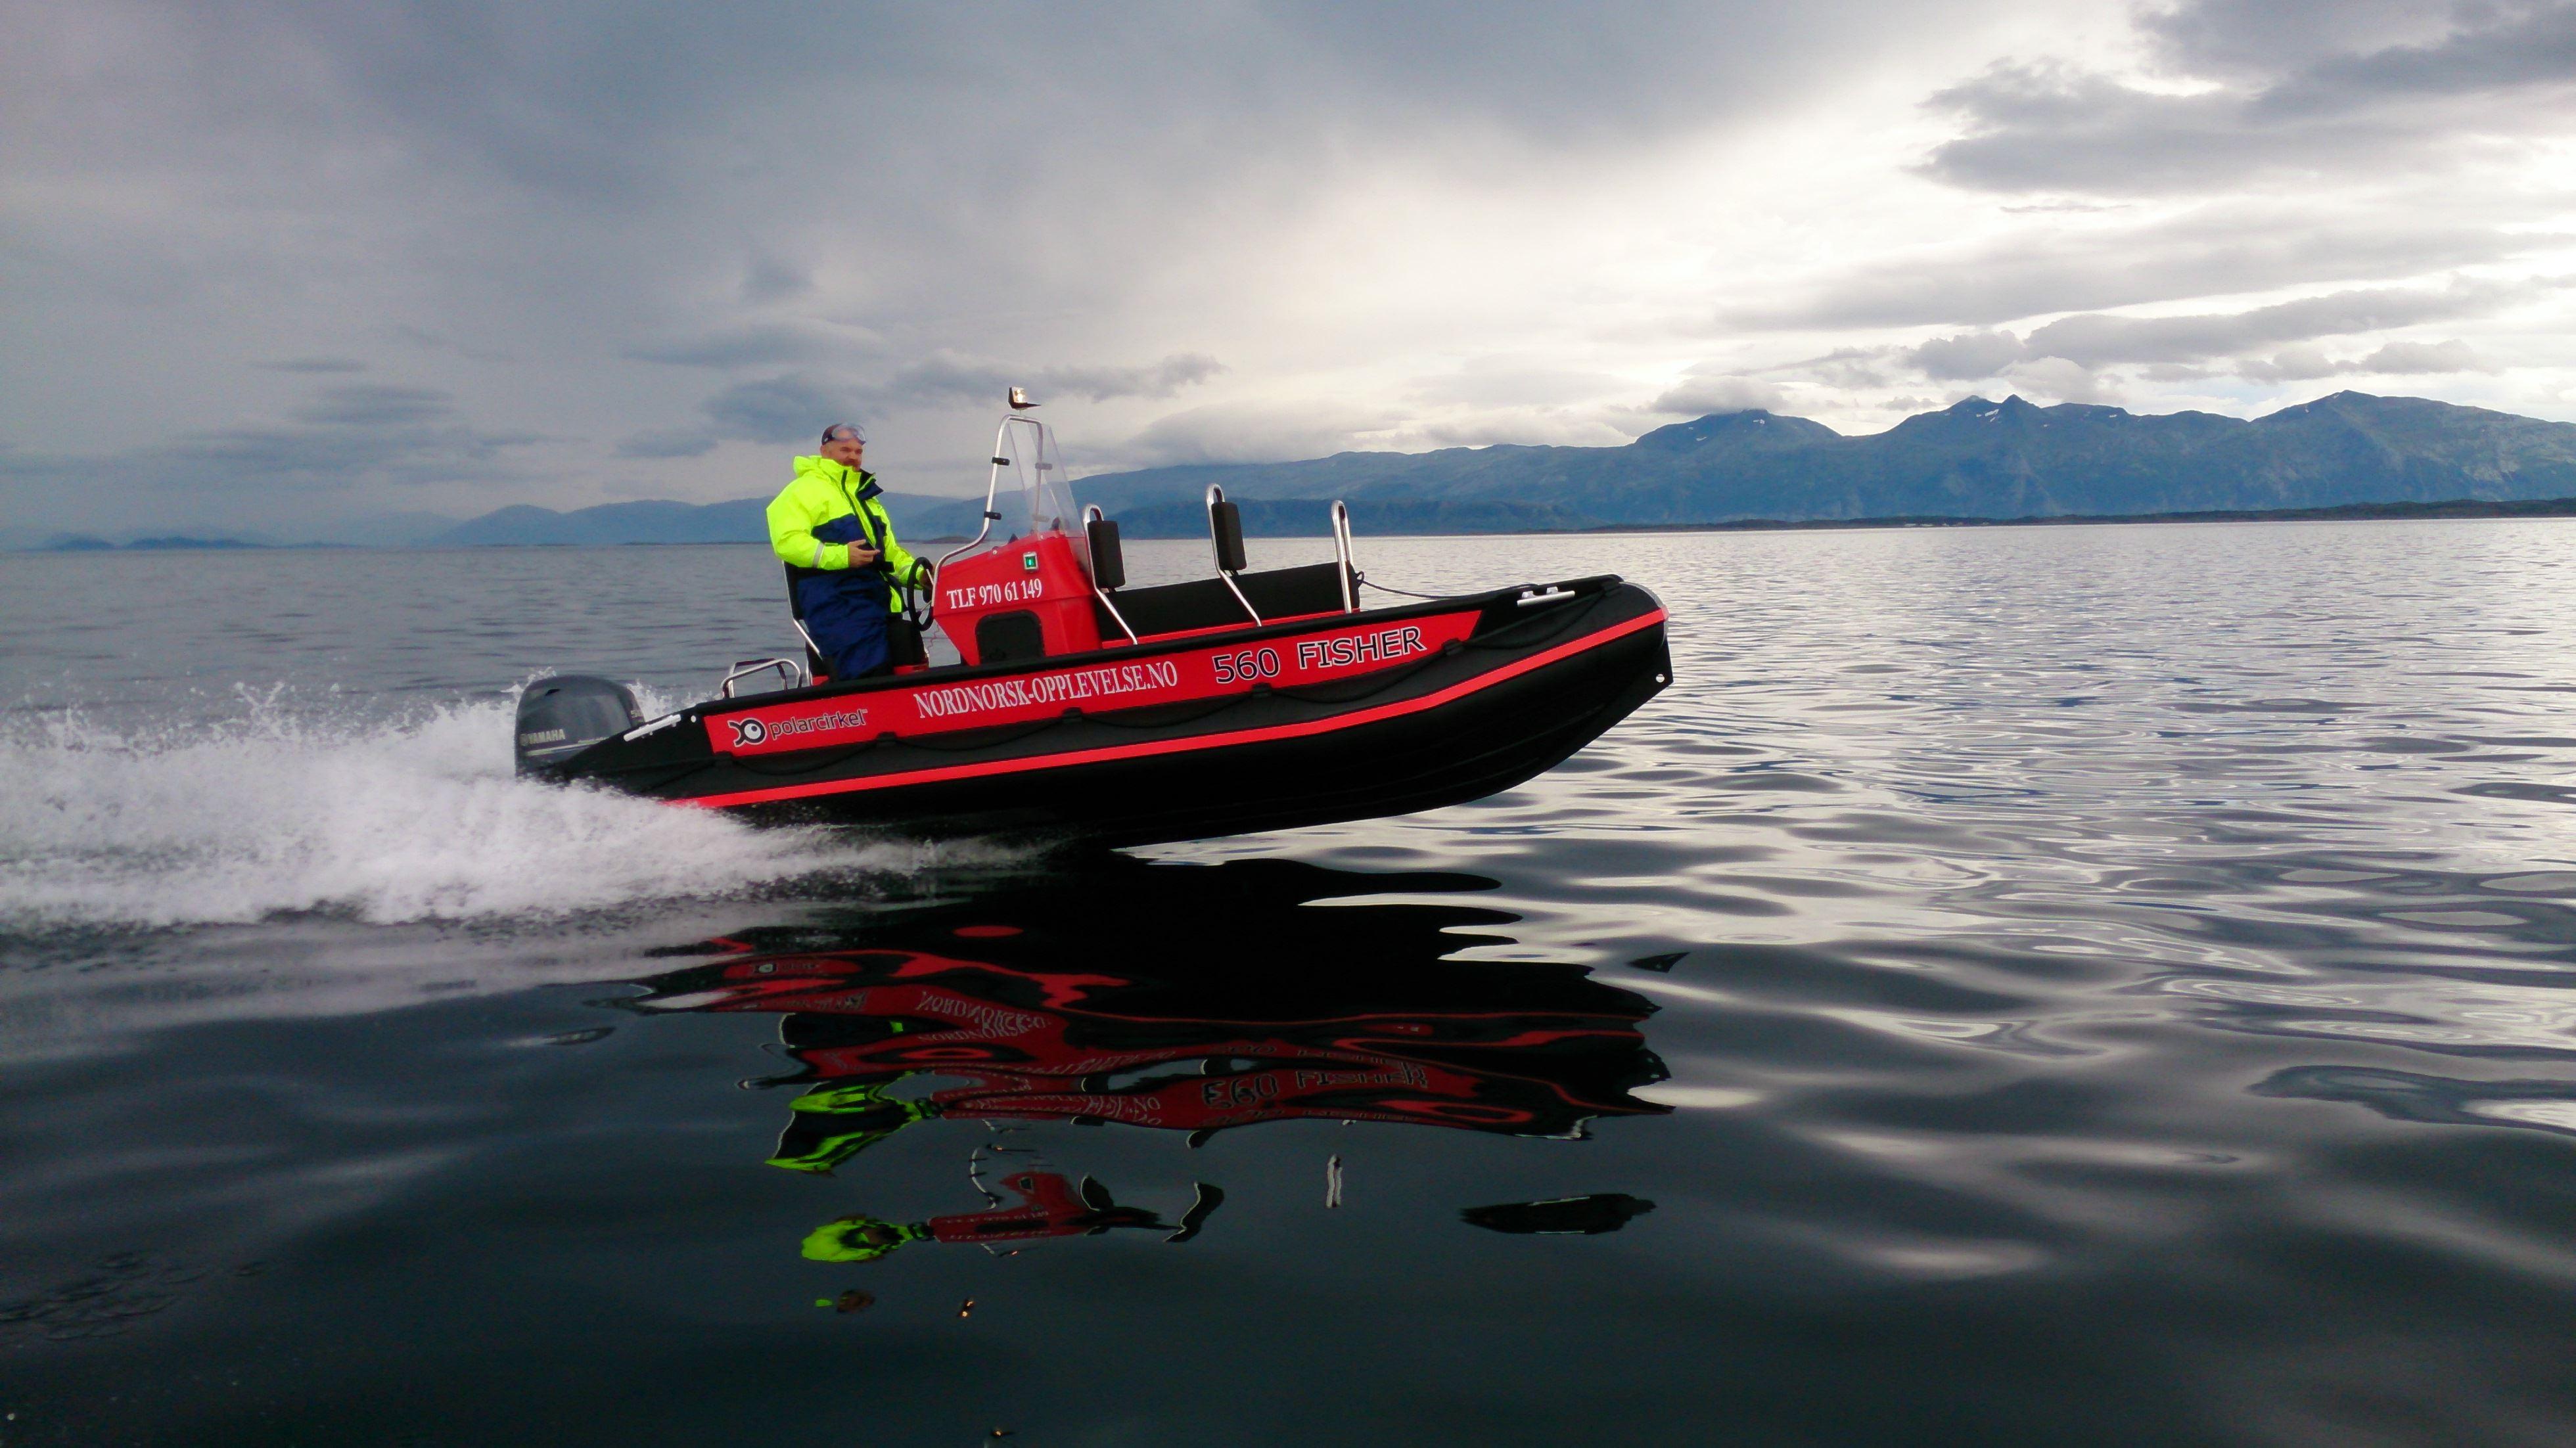 Nordnorsk Opplevelse,  © Nordnorsk Opplevelse, Fiskebåt Nordnorsk Opplevelse